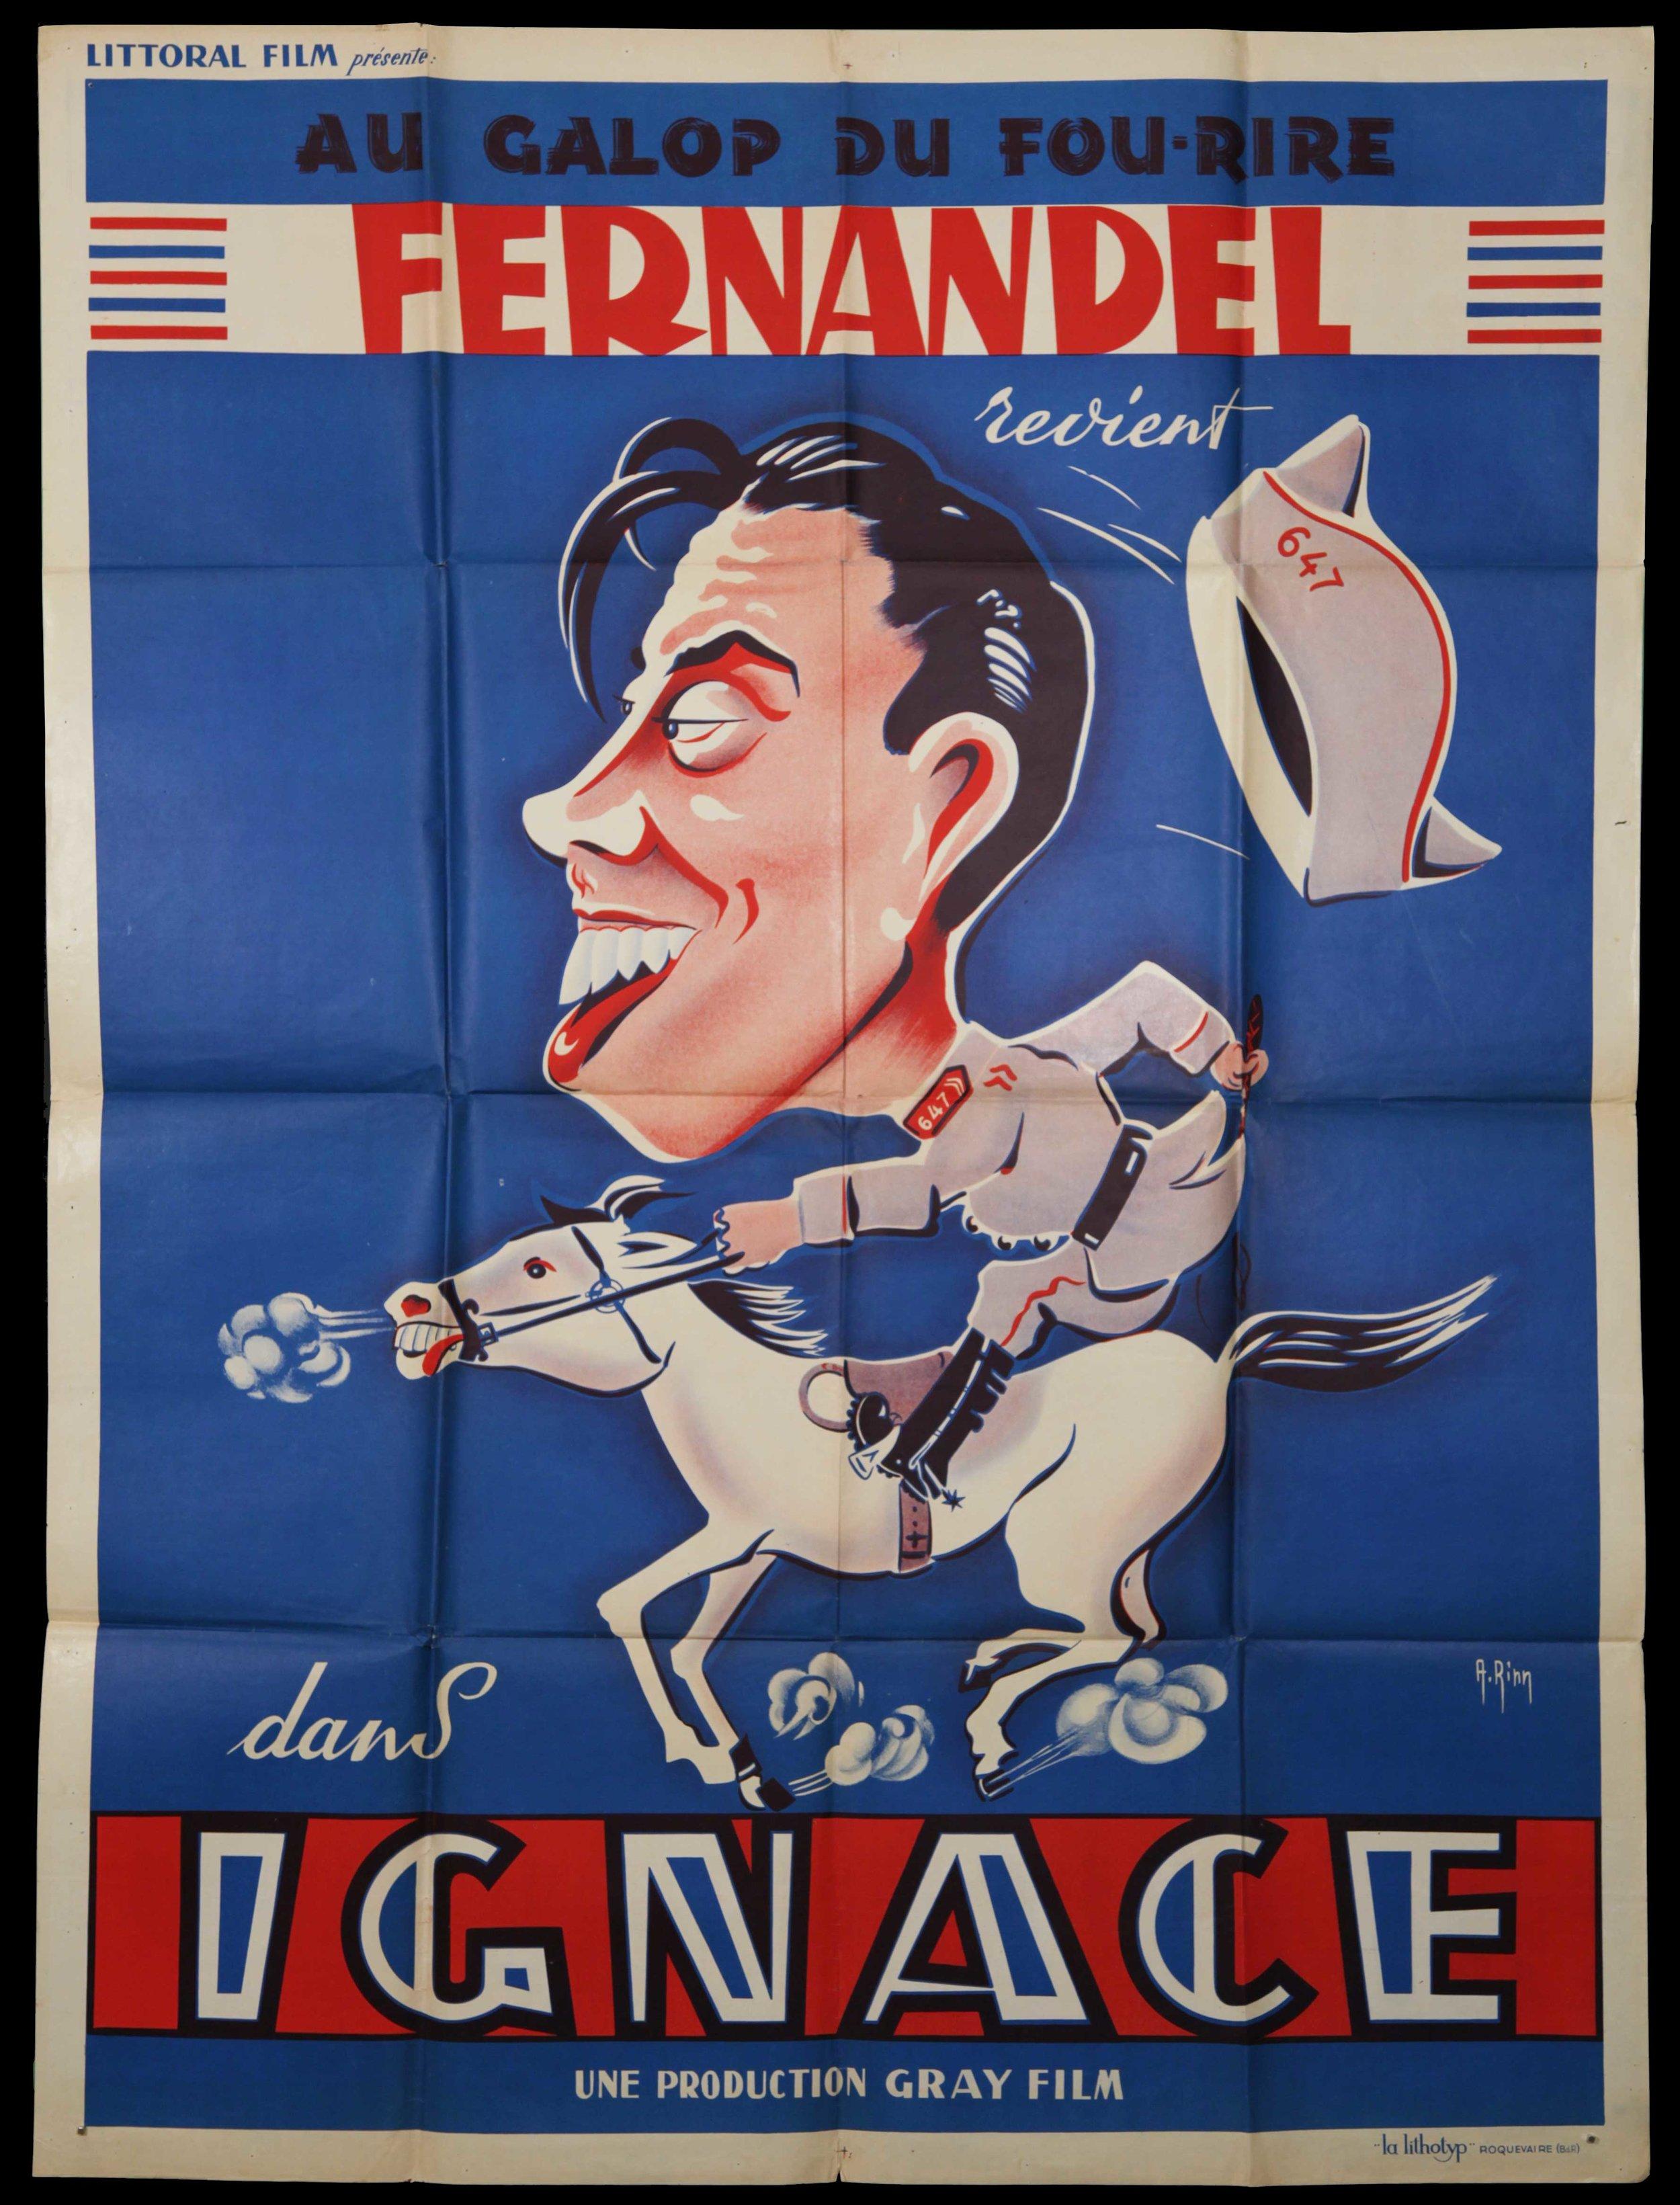 """Fernandel in """"Ignace"""" (1934)"""